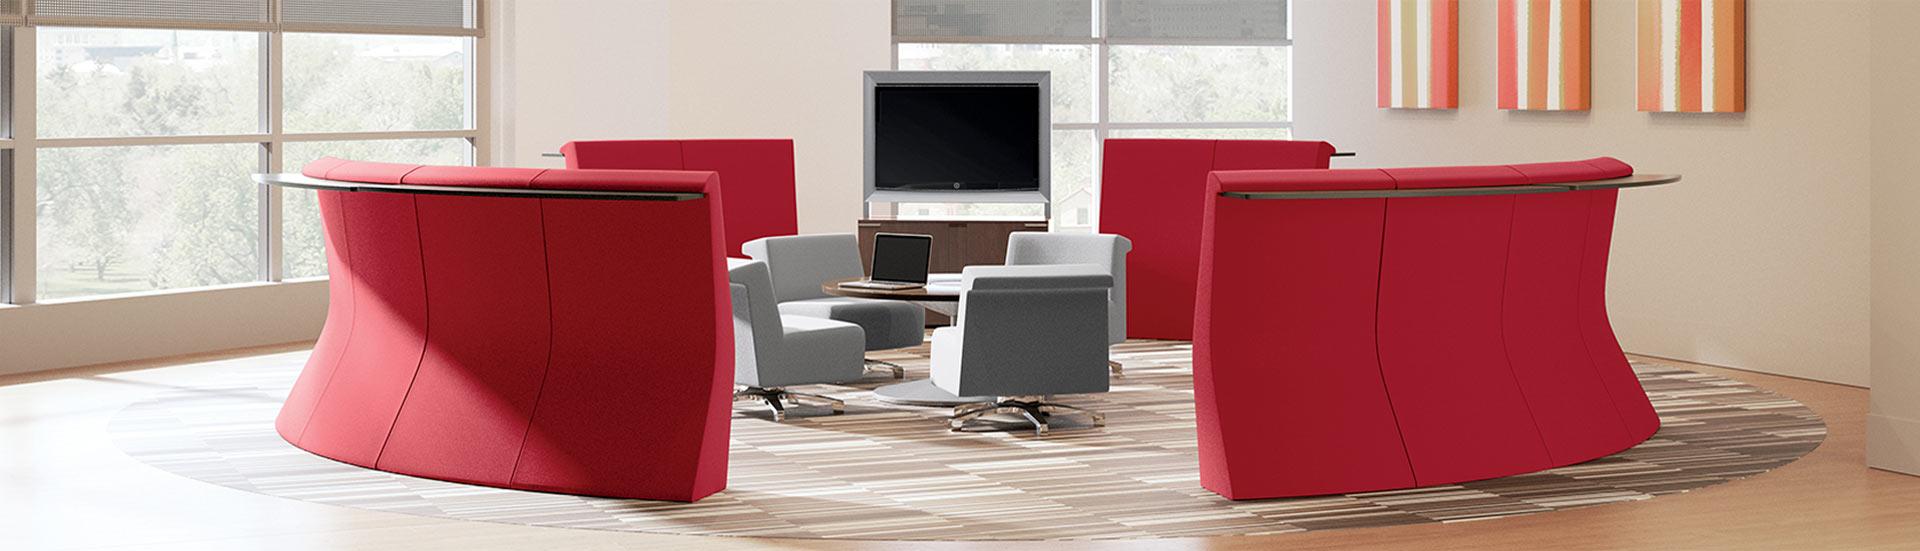 Office Furniture Fort Wayne | Office Desks | Office Chairs in Office Furniture Fort Wayne